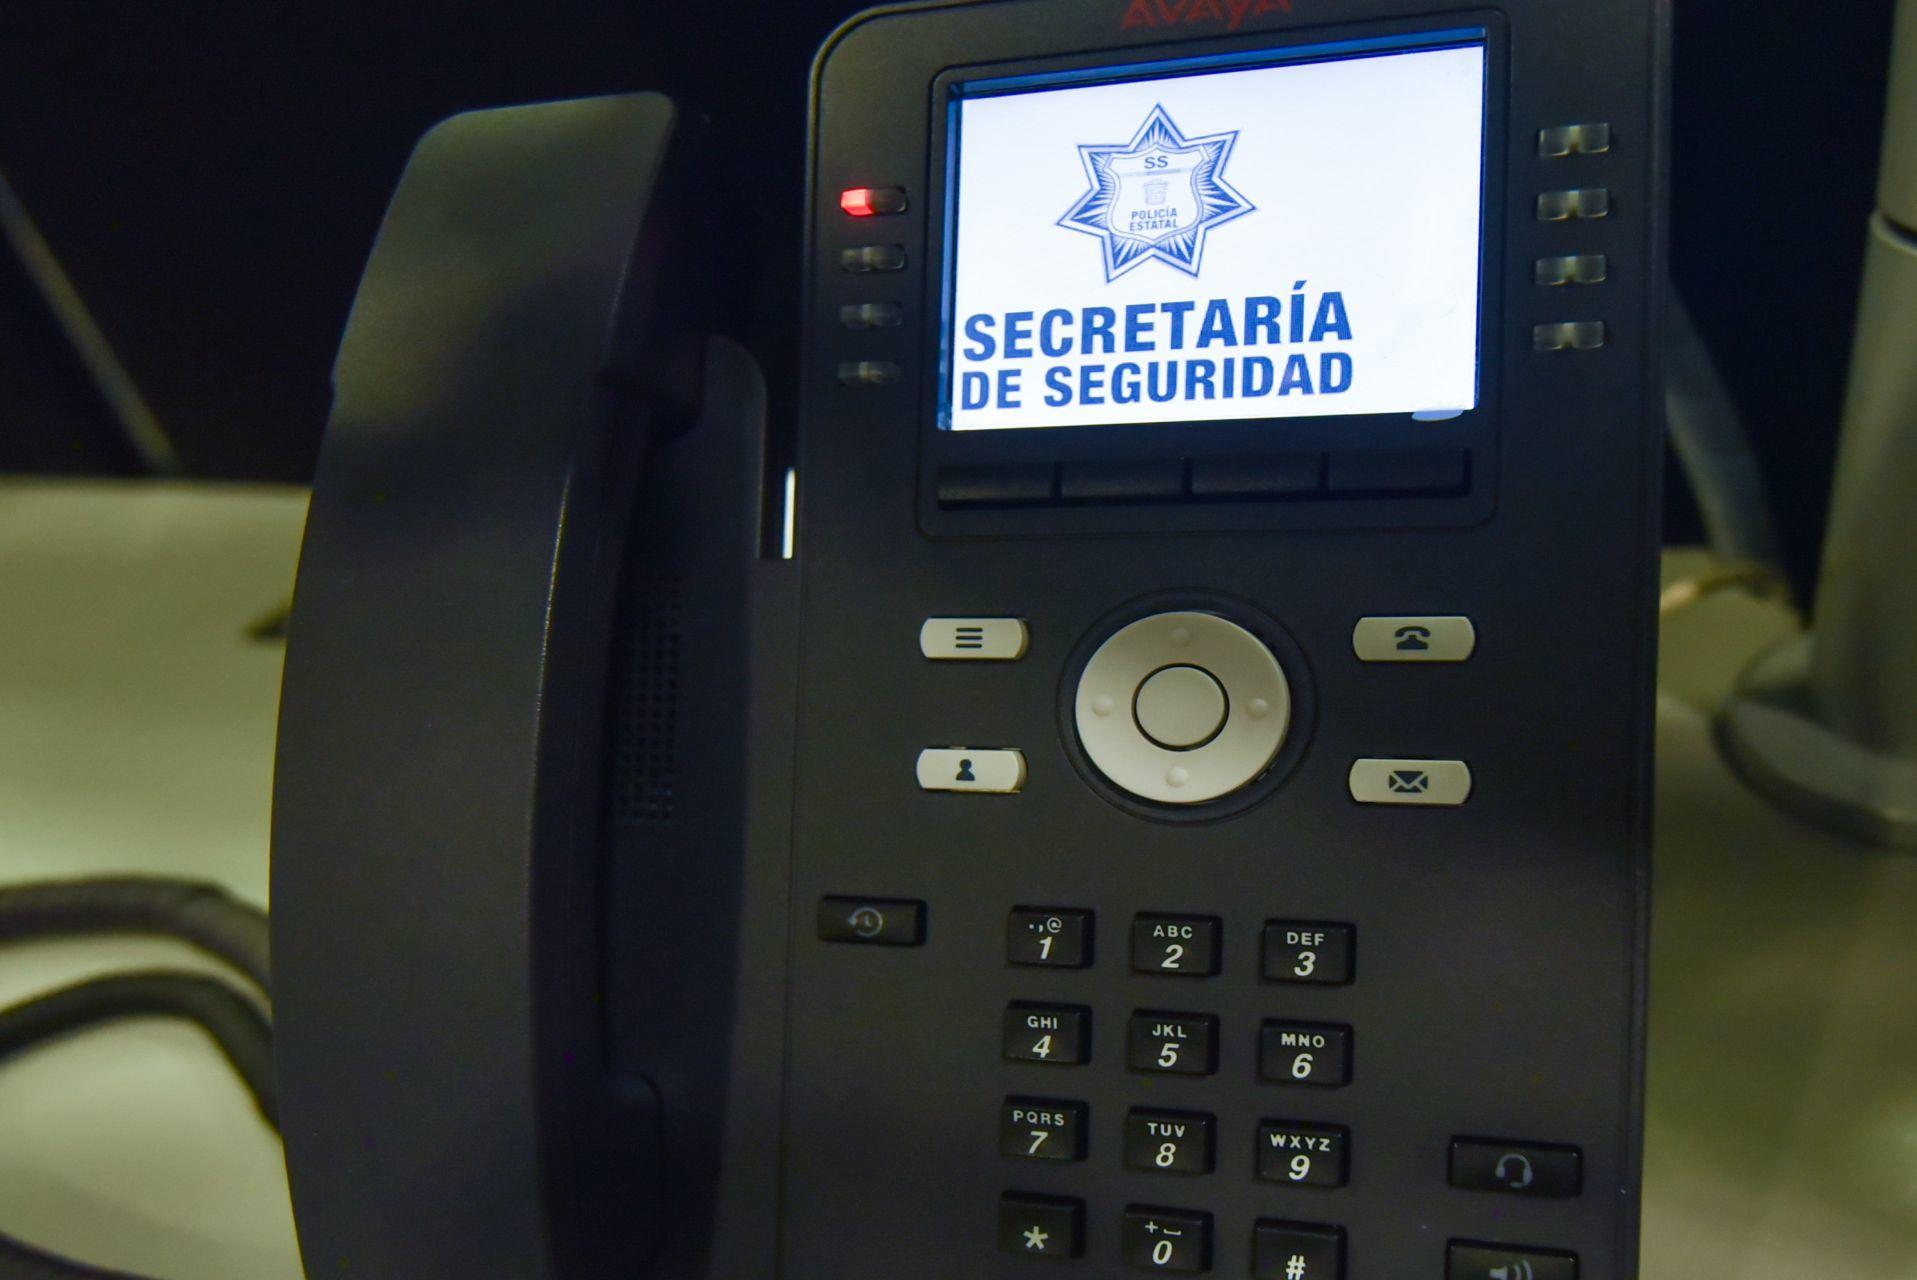 La Secretaria de Seguridad/Foto: cuartoscuro